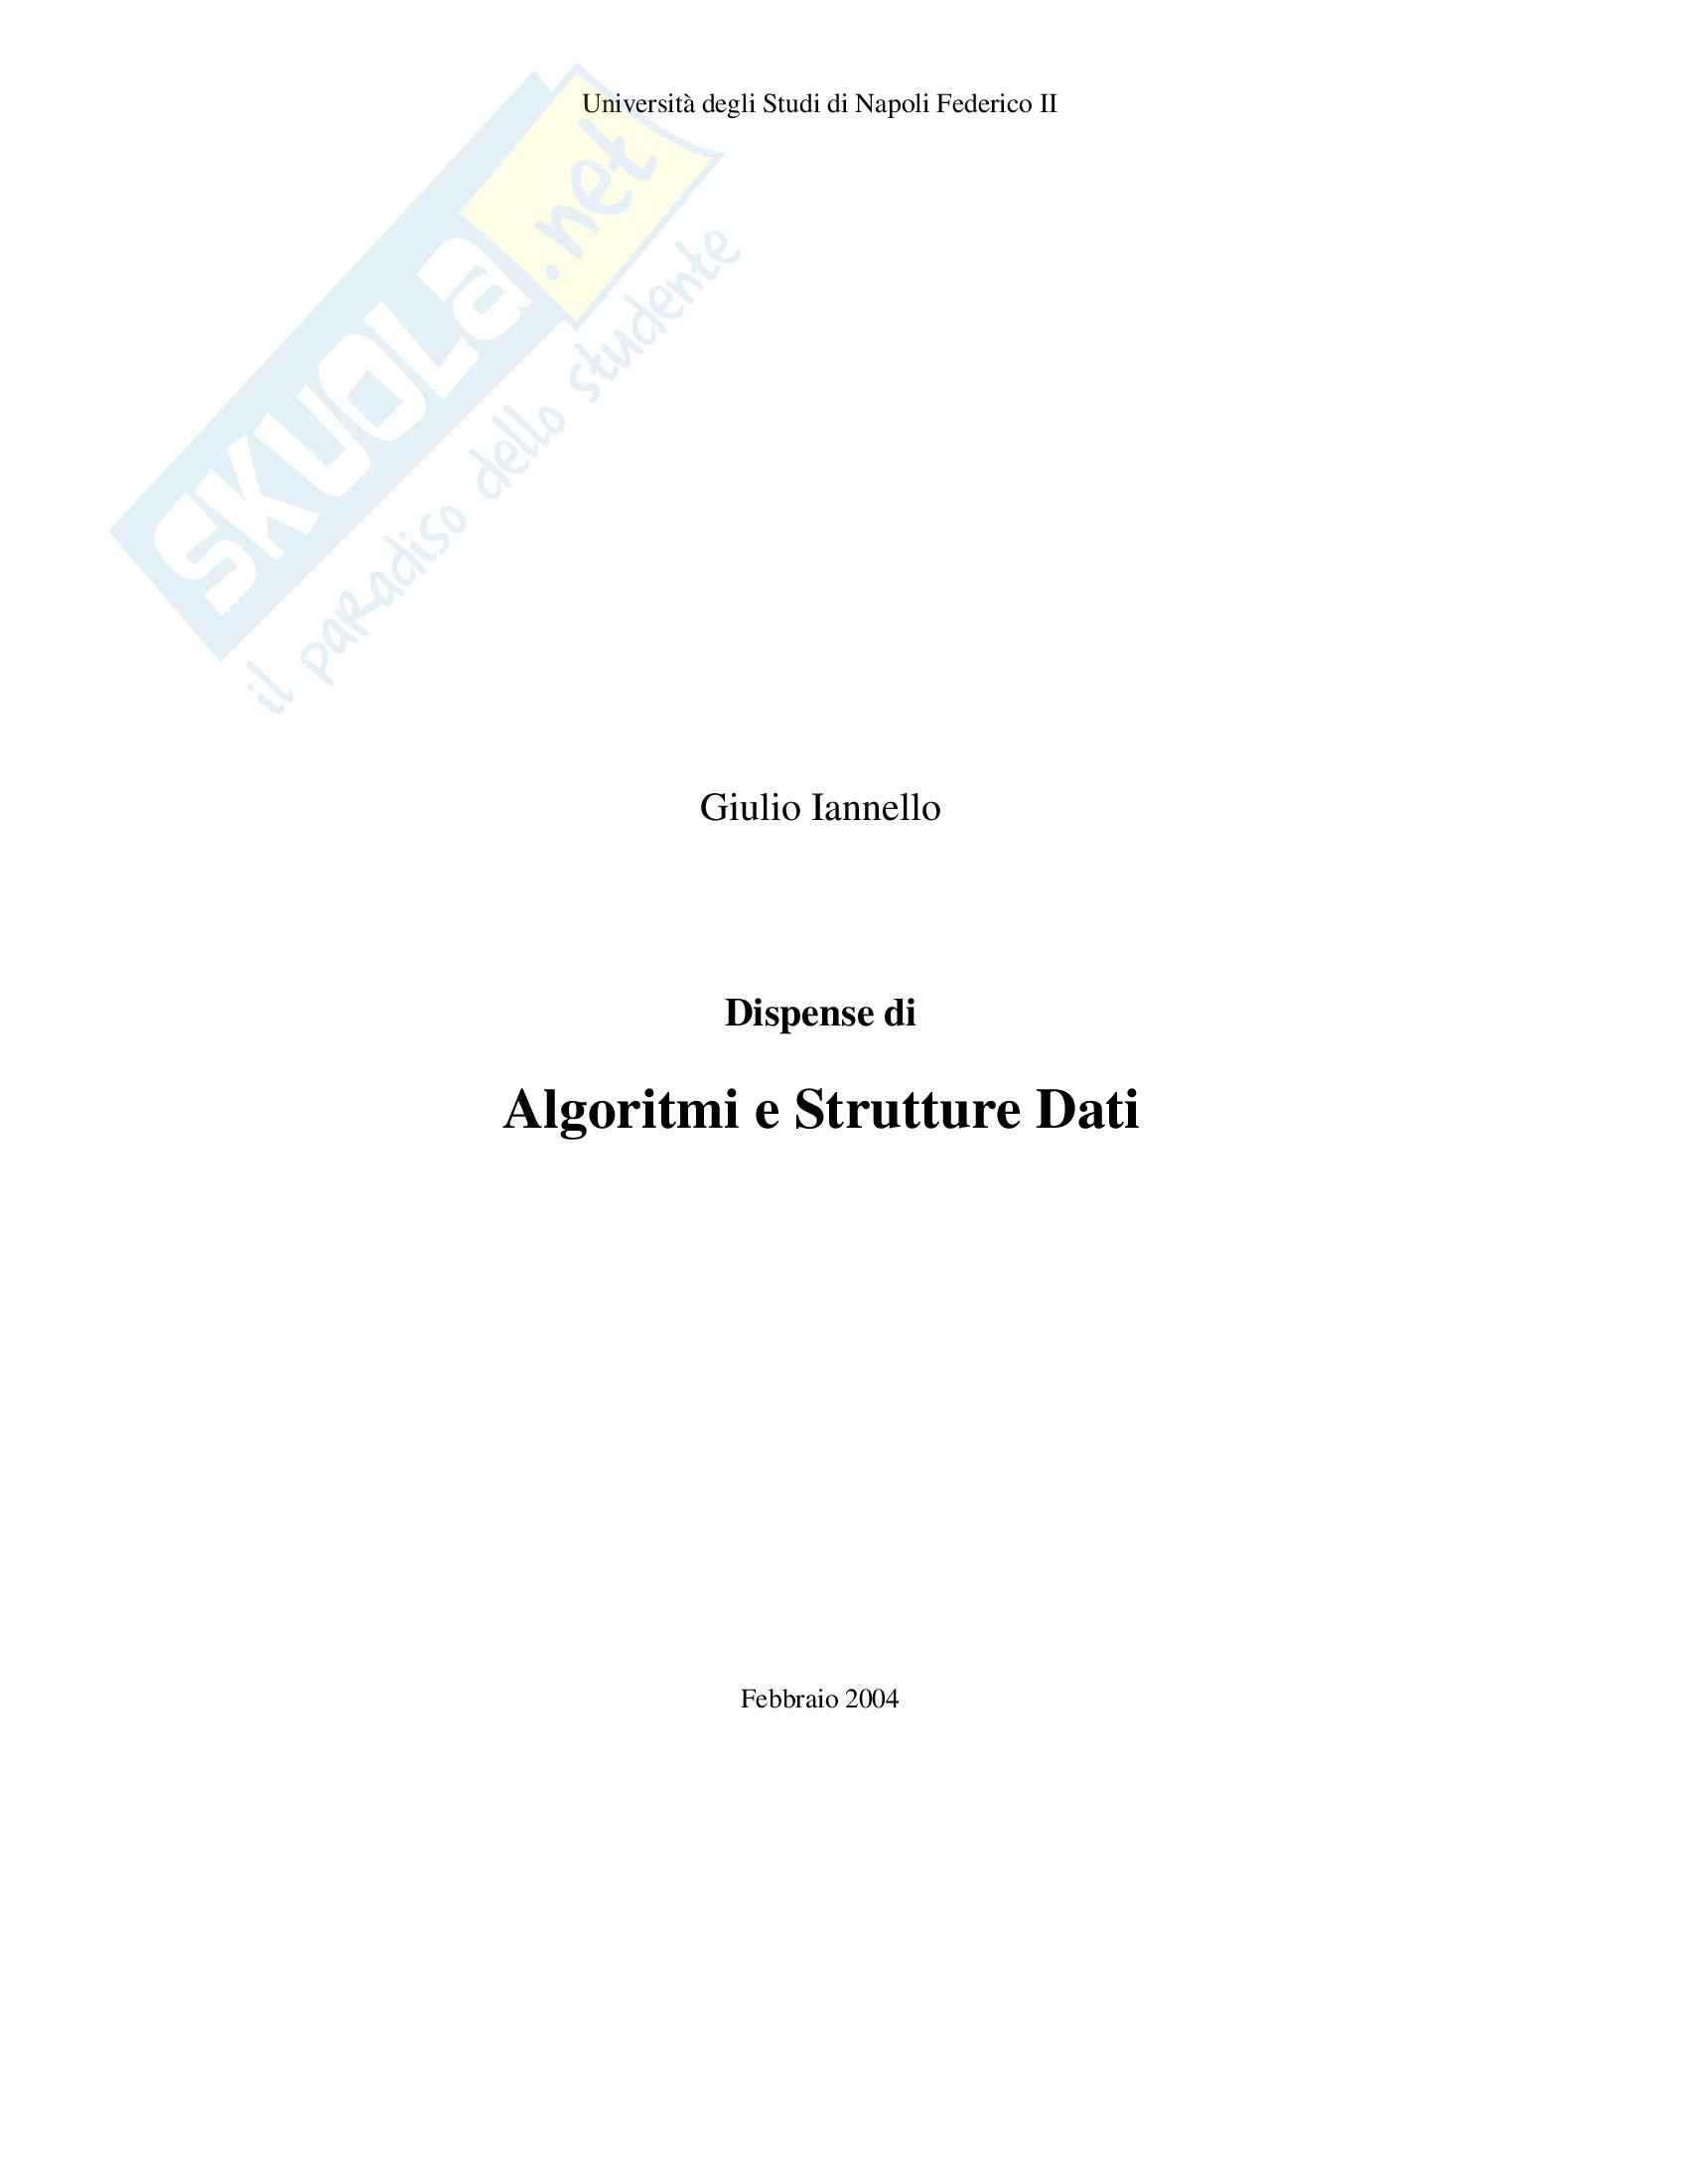 Algoritmi e strutture dati - Analisi Lessicale-Sintattica